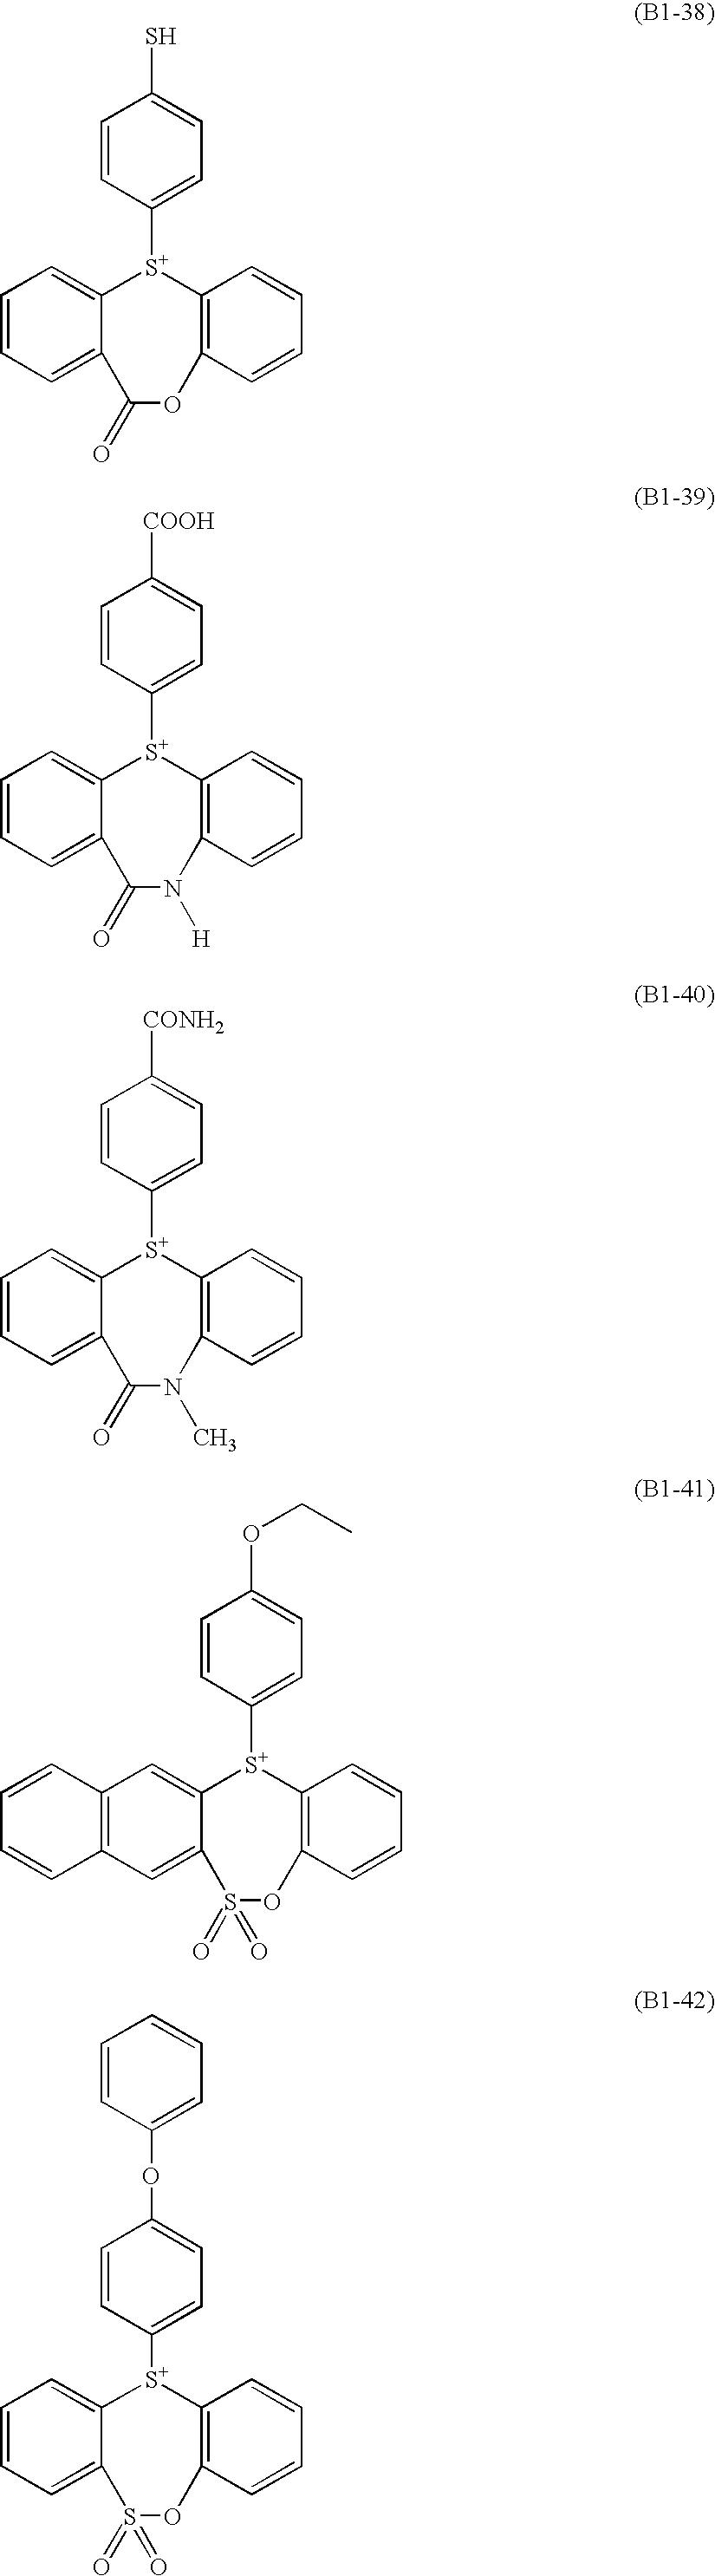 Figure US20100183975A1-20100722-C00017